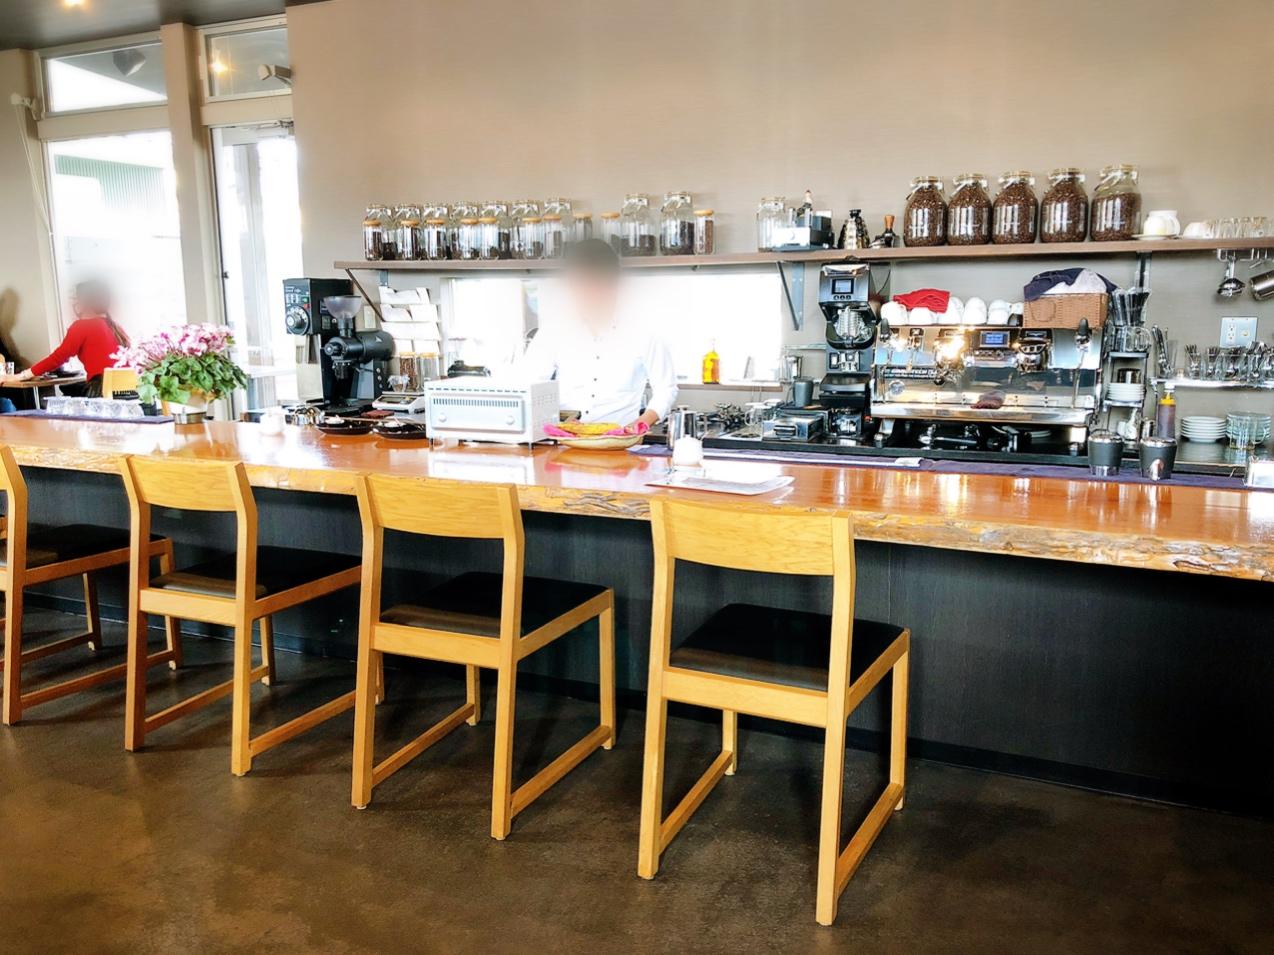 【#静岡カフェ】こだわり自家焙煎本格派コーヒーとふわふわ生キャラメルシフォンケーキが美味♡_2